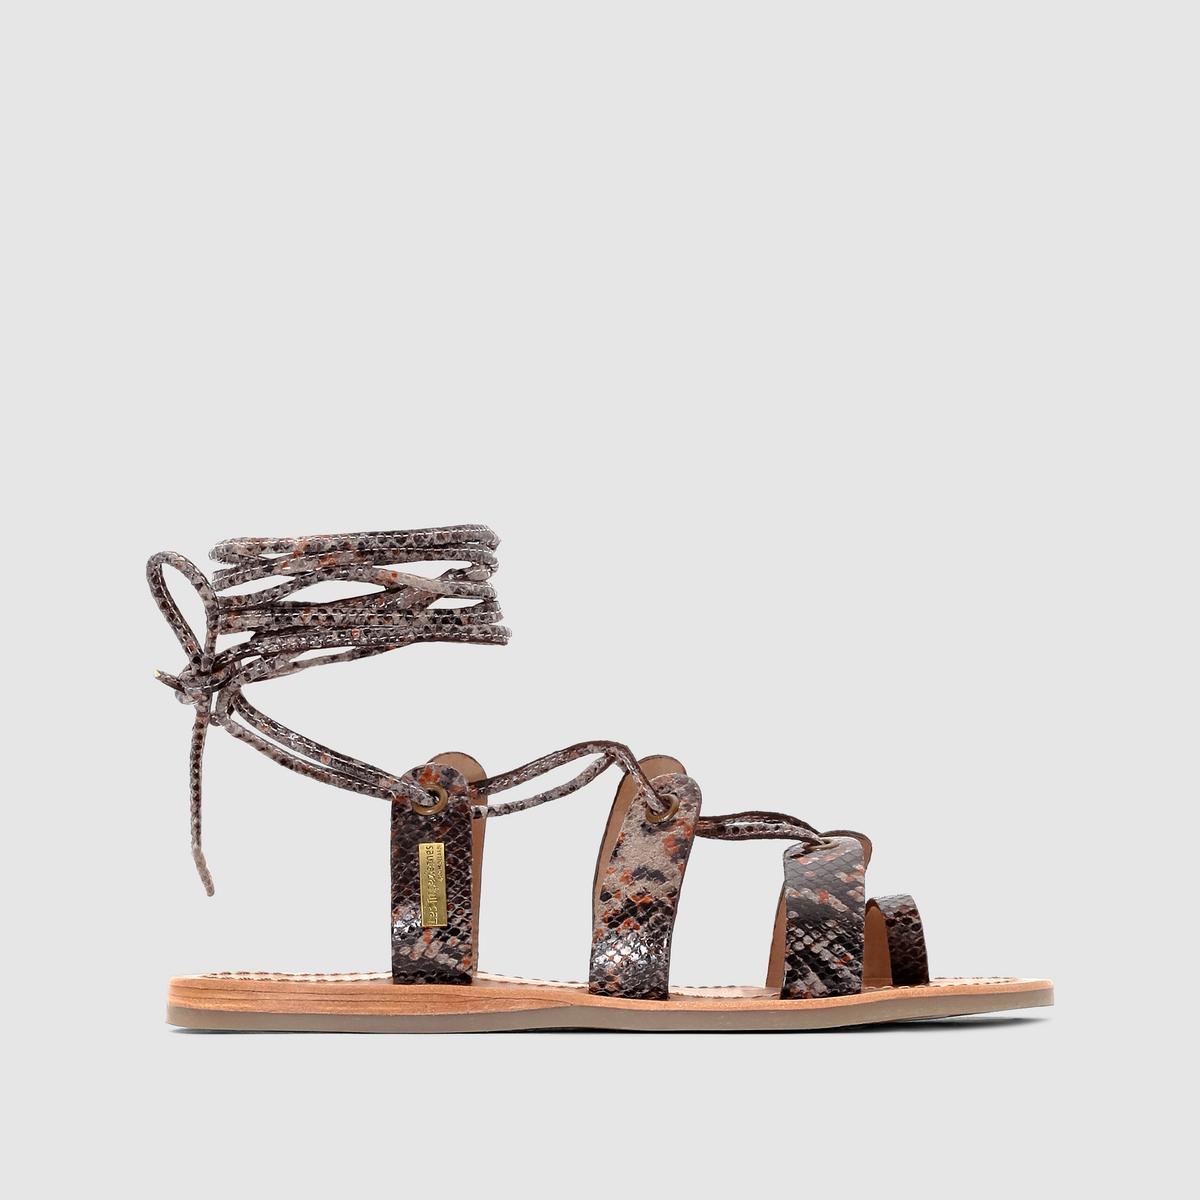 Сандалии из кожи Bird, со шнуровкой на щиколотке и плоской подошвой3 широких ремешка сверху, шнуровка, деликатно оплетающая лодыжку, кожа высокого качества под рептилию ... Вы будете выглядеть естественно и сексуально этим летом !<br><br>Цвет: каштановый/ящерица<br>Размер: 37